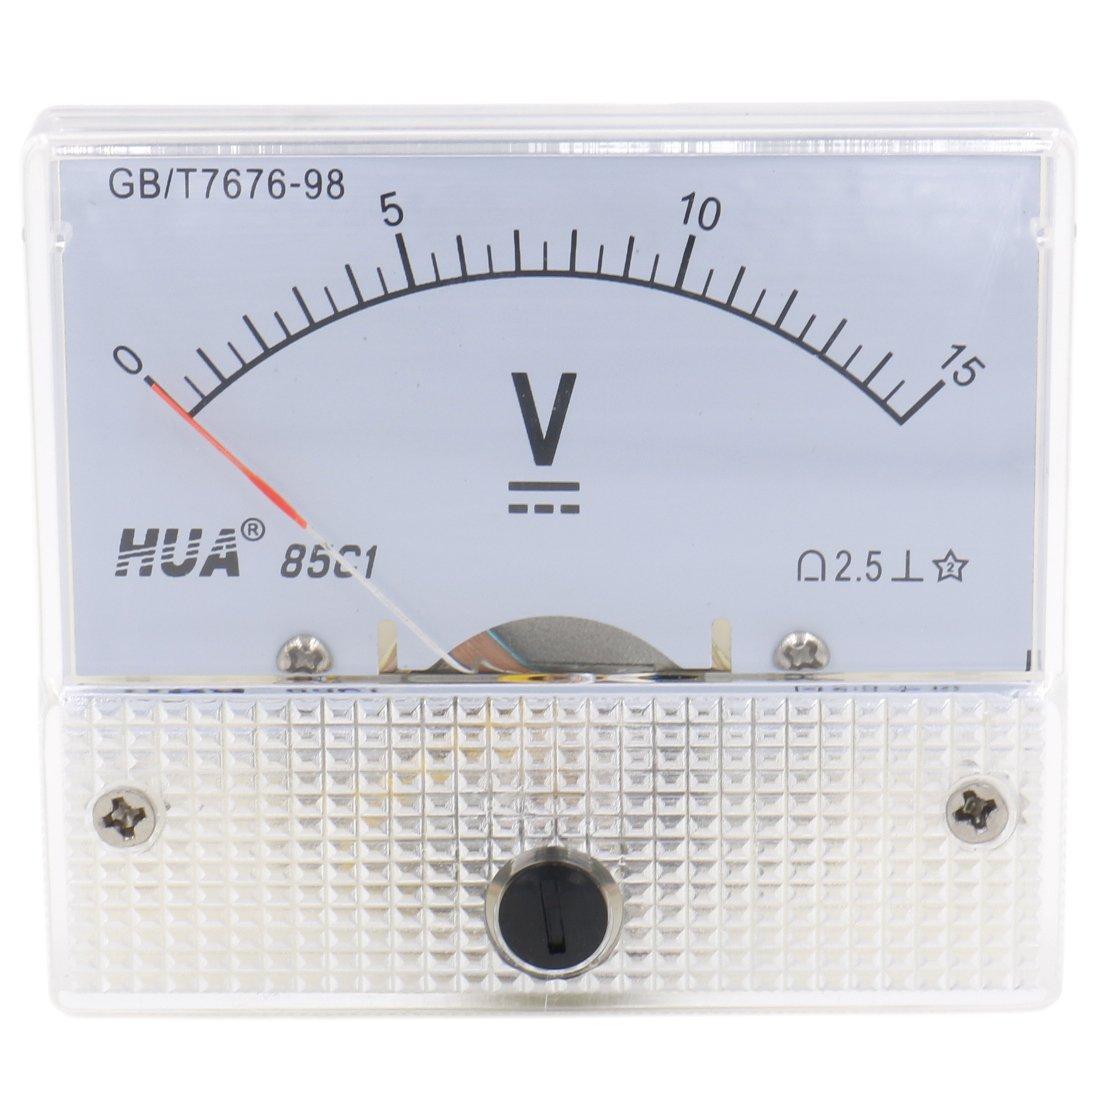 /15/V Clase 2,5/color blanco /15/V Rect/ángulo Panel Mounted comprobador de medidor de voltaje volt/ímetro DC 0/ heschen 85/C1/